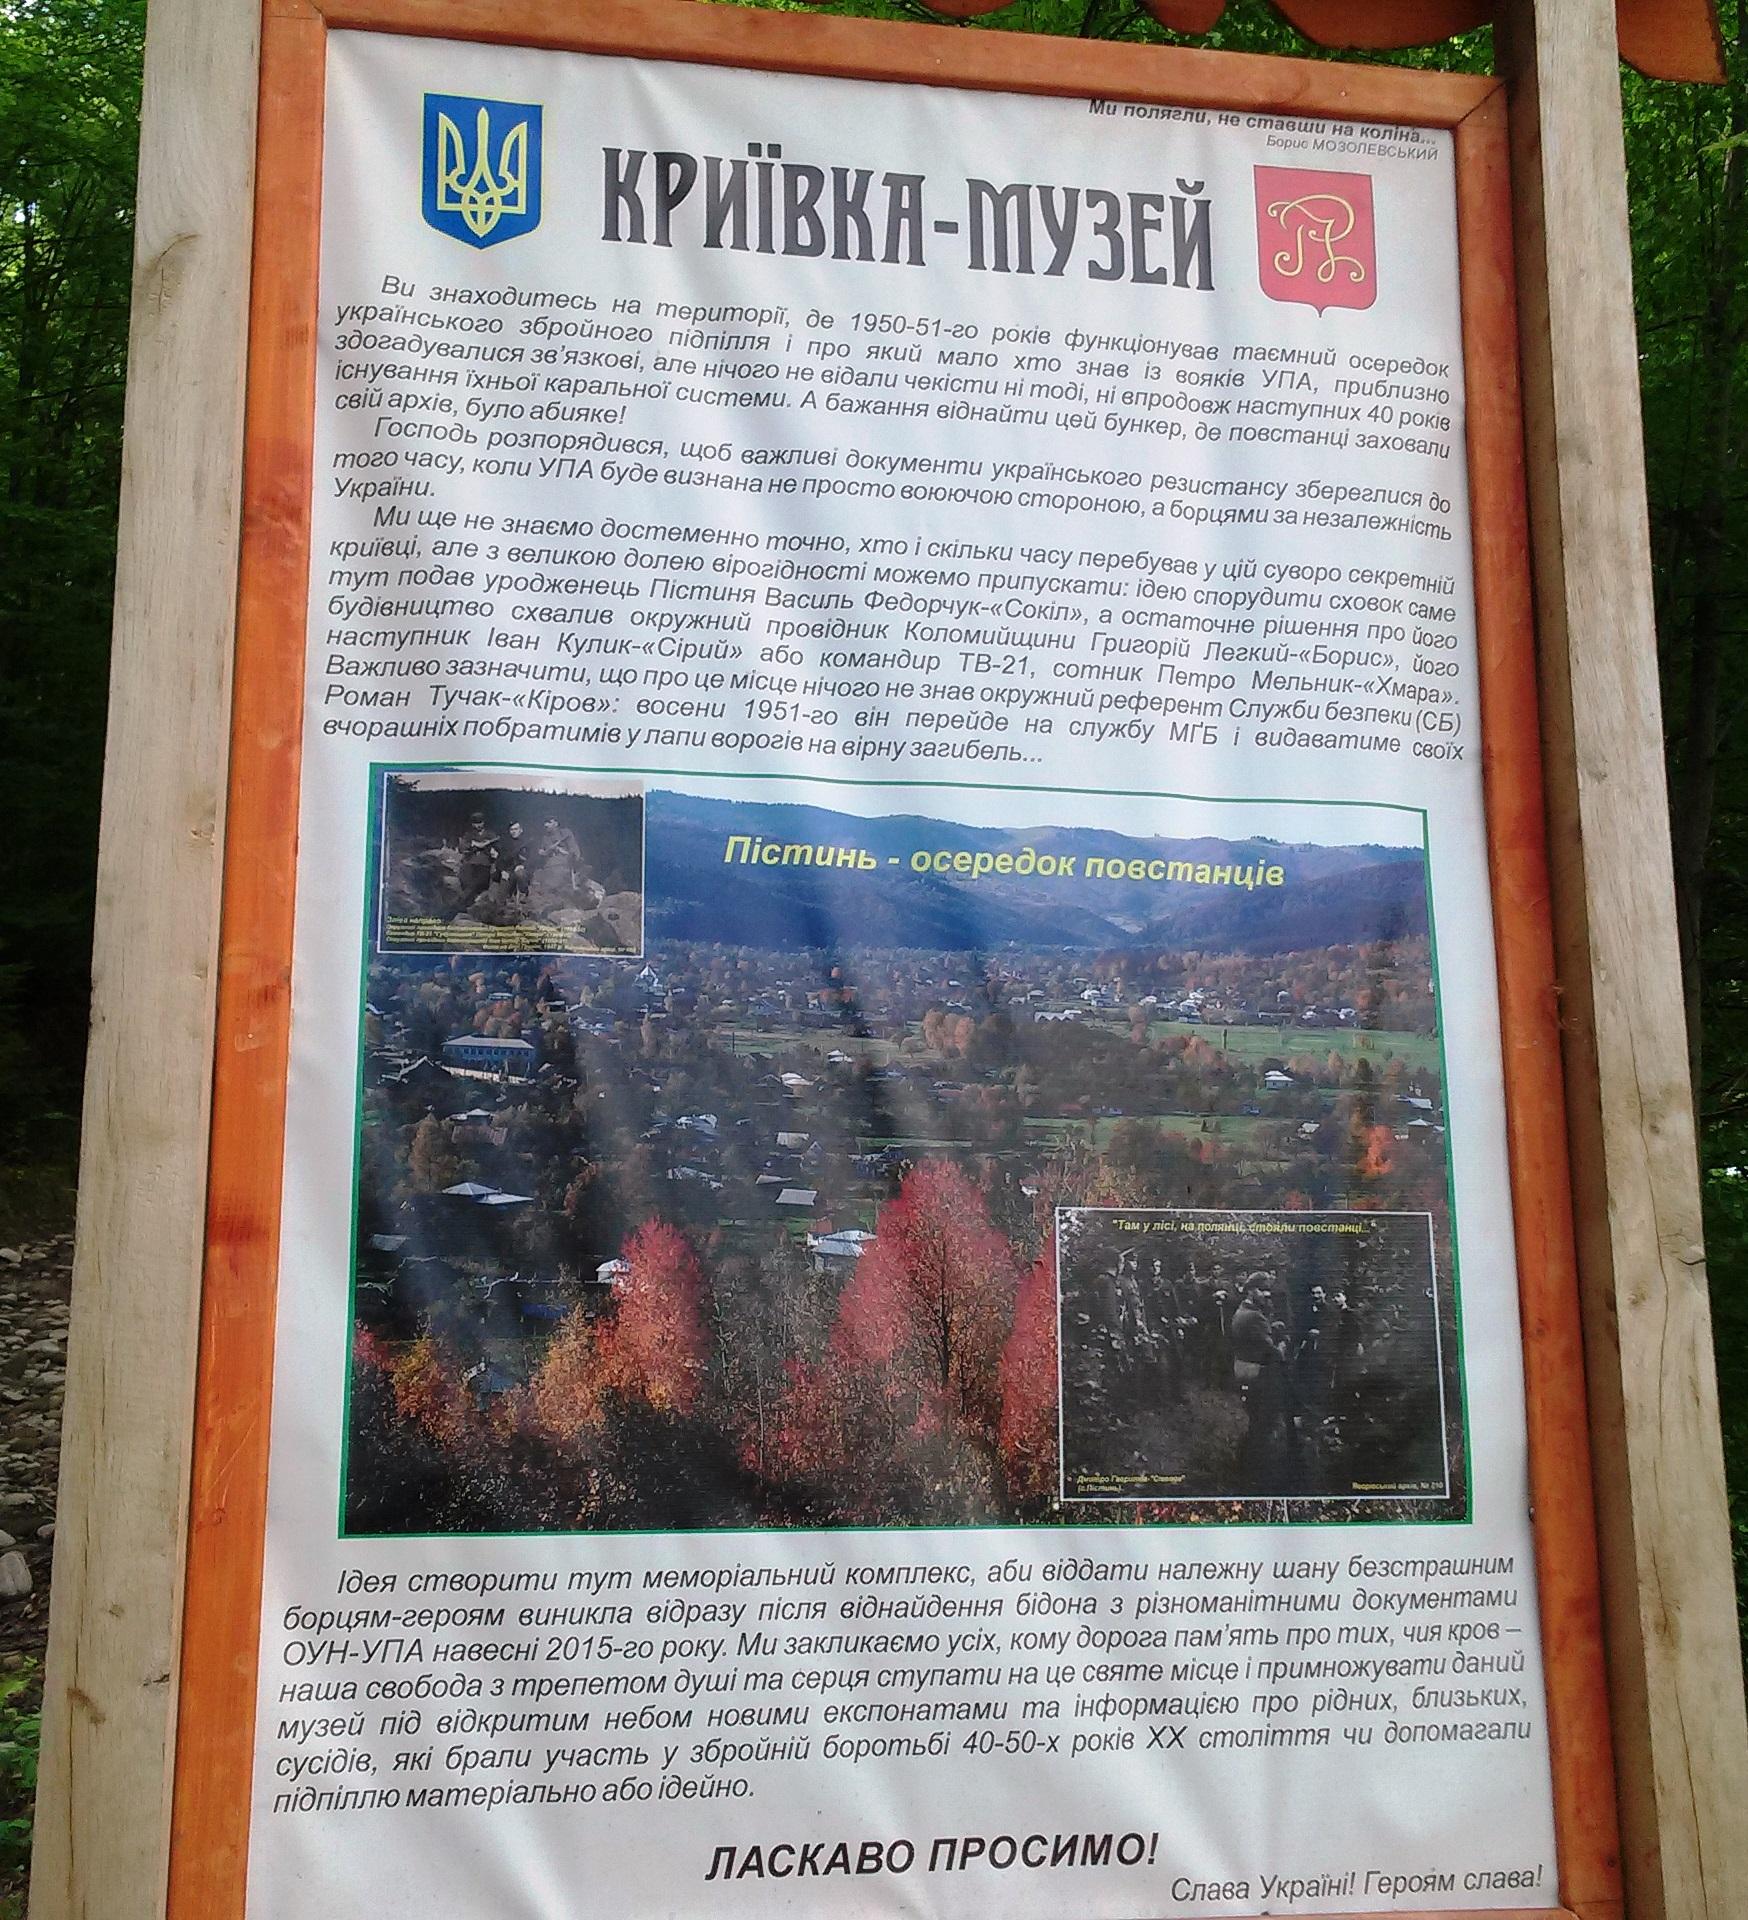 Інформаційний стенд. Криївка-музей між Микитинцями й Пістинем